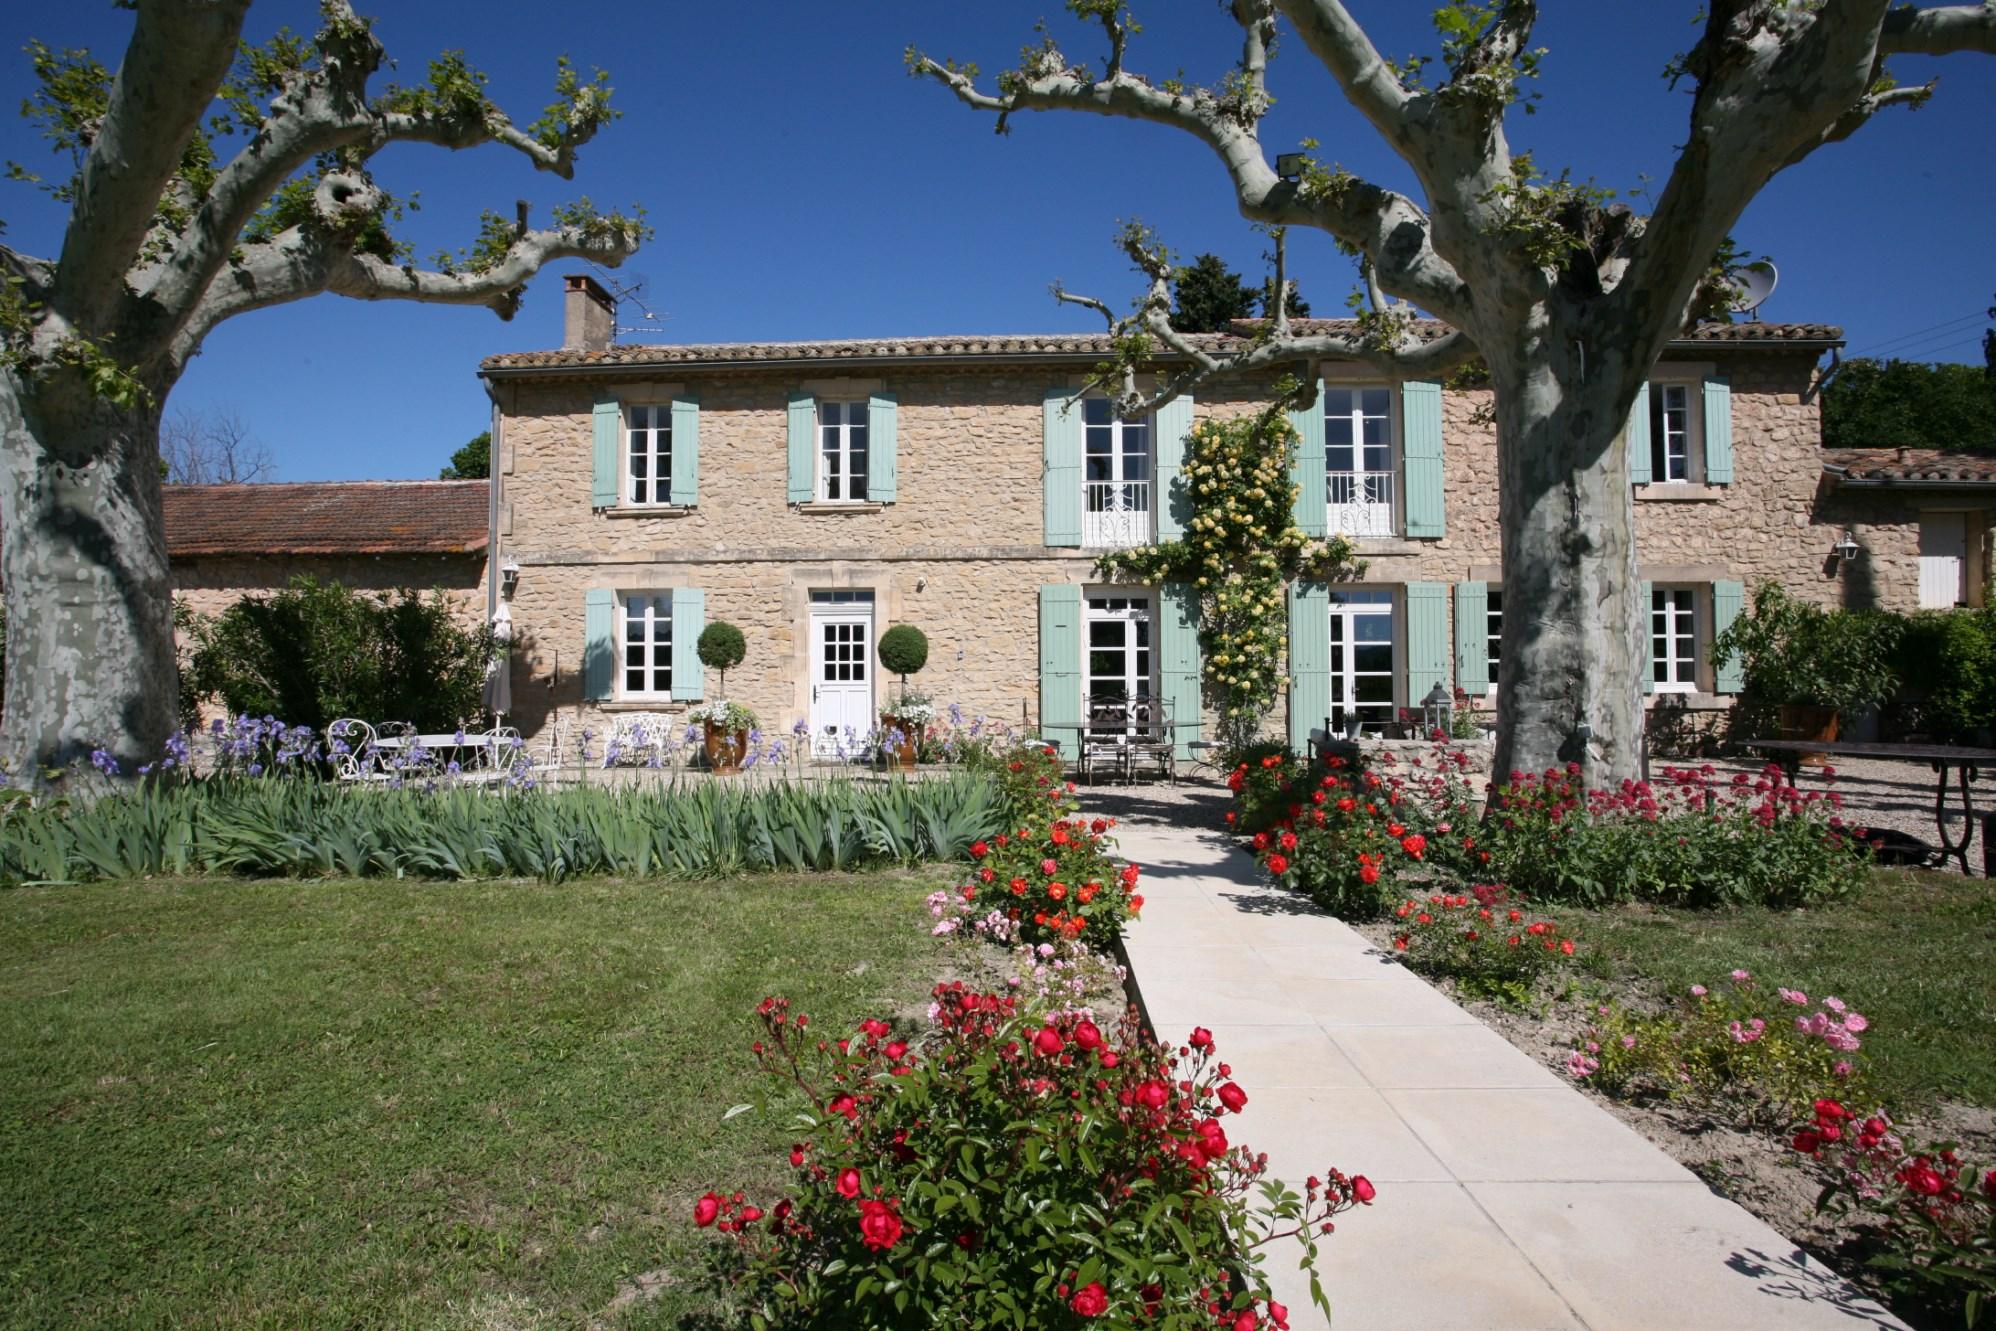 A vendre, proche Isle sur la Sorgue,  un mas ancien rénové, en pierres, plein de charme,  avec piscine et jardin